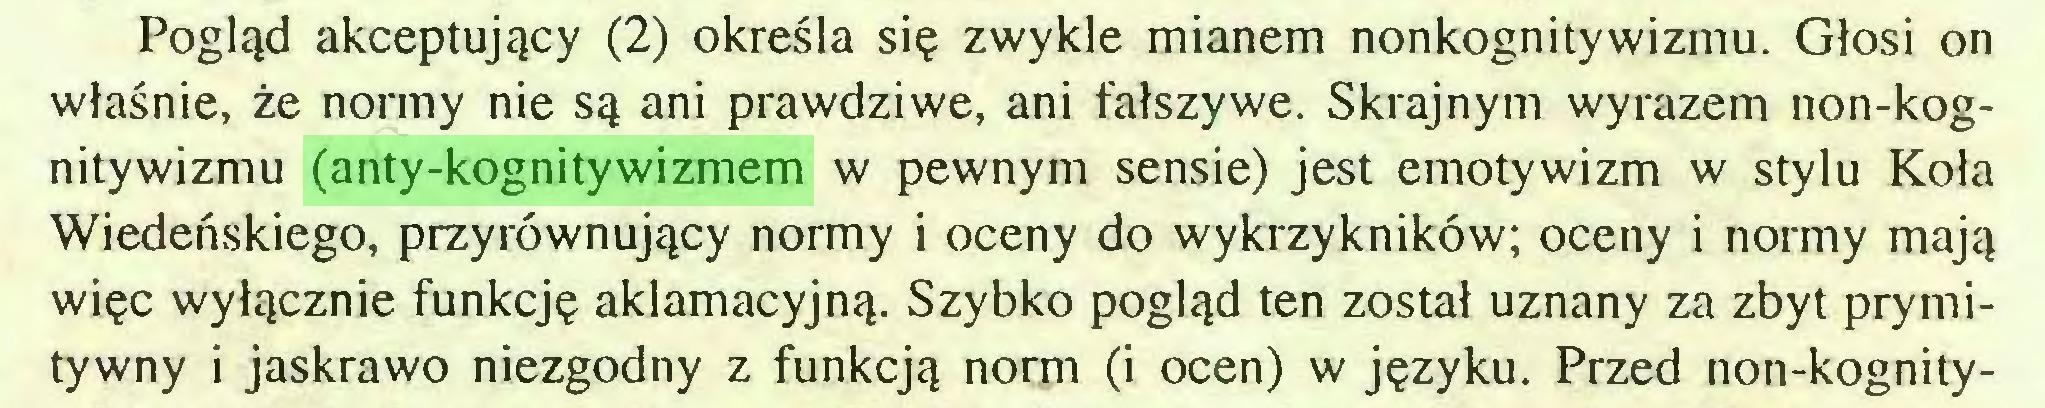 (...) Pogląd akceptujący (2) określa się zwykle mianem nonkognitywizmu. Głosi on właśnie, że normy nie są ani prawdziwe, ani fałszywe. Skrajnym wyrazem non-kognitywizmu (anty-kognitywizmem w pewnym sensie) jest emotywizm w stylu Koła Wiedeńskiego, przyrównujący normy i oceny do wykrzykników; oceny i normy mają więc wyłącznie funkcję aklamacyjną. Szybko pogląd ten został uznany za zbyt prymitywny i jaskrawo niezgodny z funkcją norm (i ocen) w języku. Przed non-kognity...